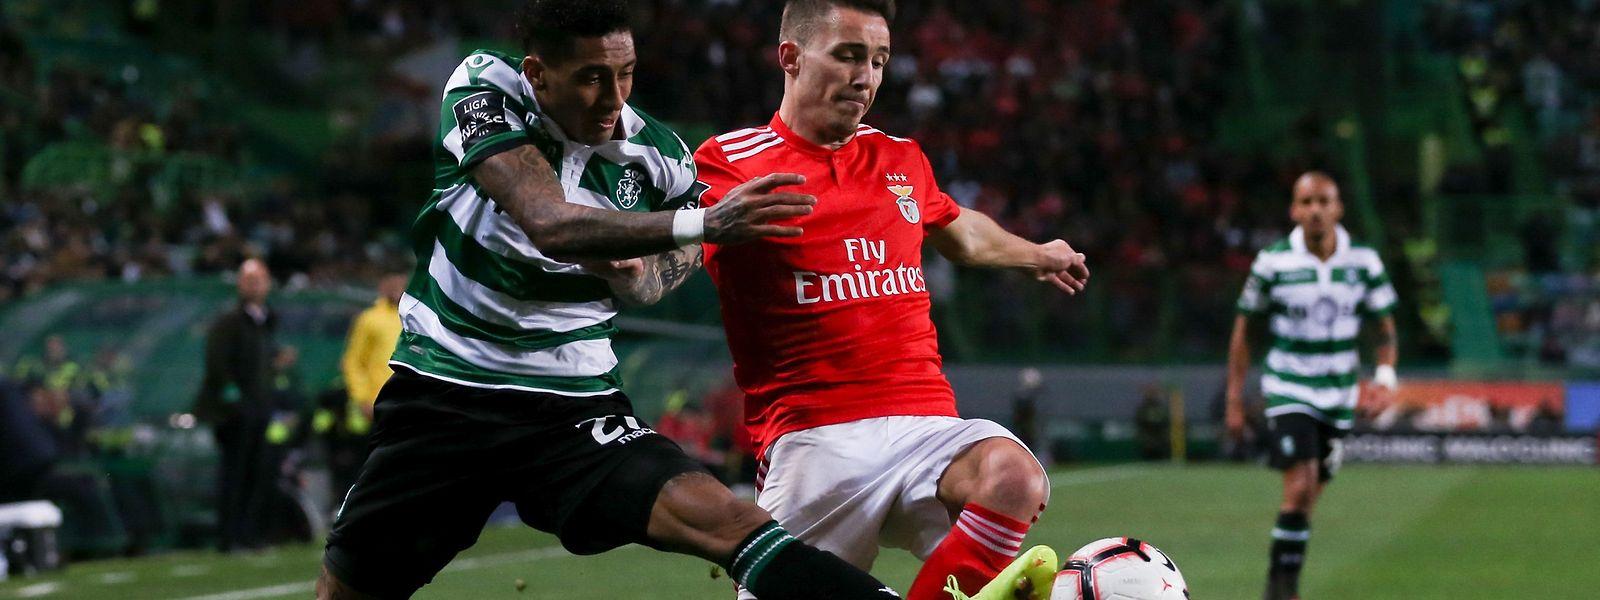 Sporting e Benfica voltam a defrontar-se hoje nas meias-finais da Taça de Portugal.